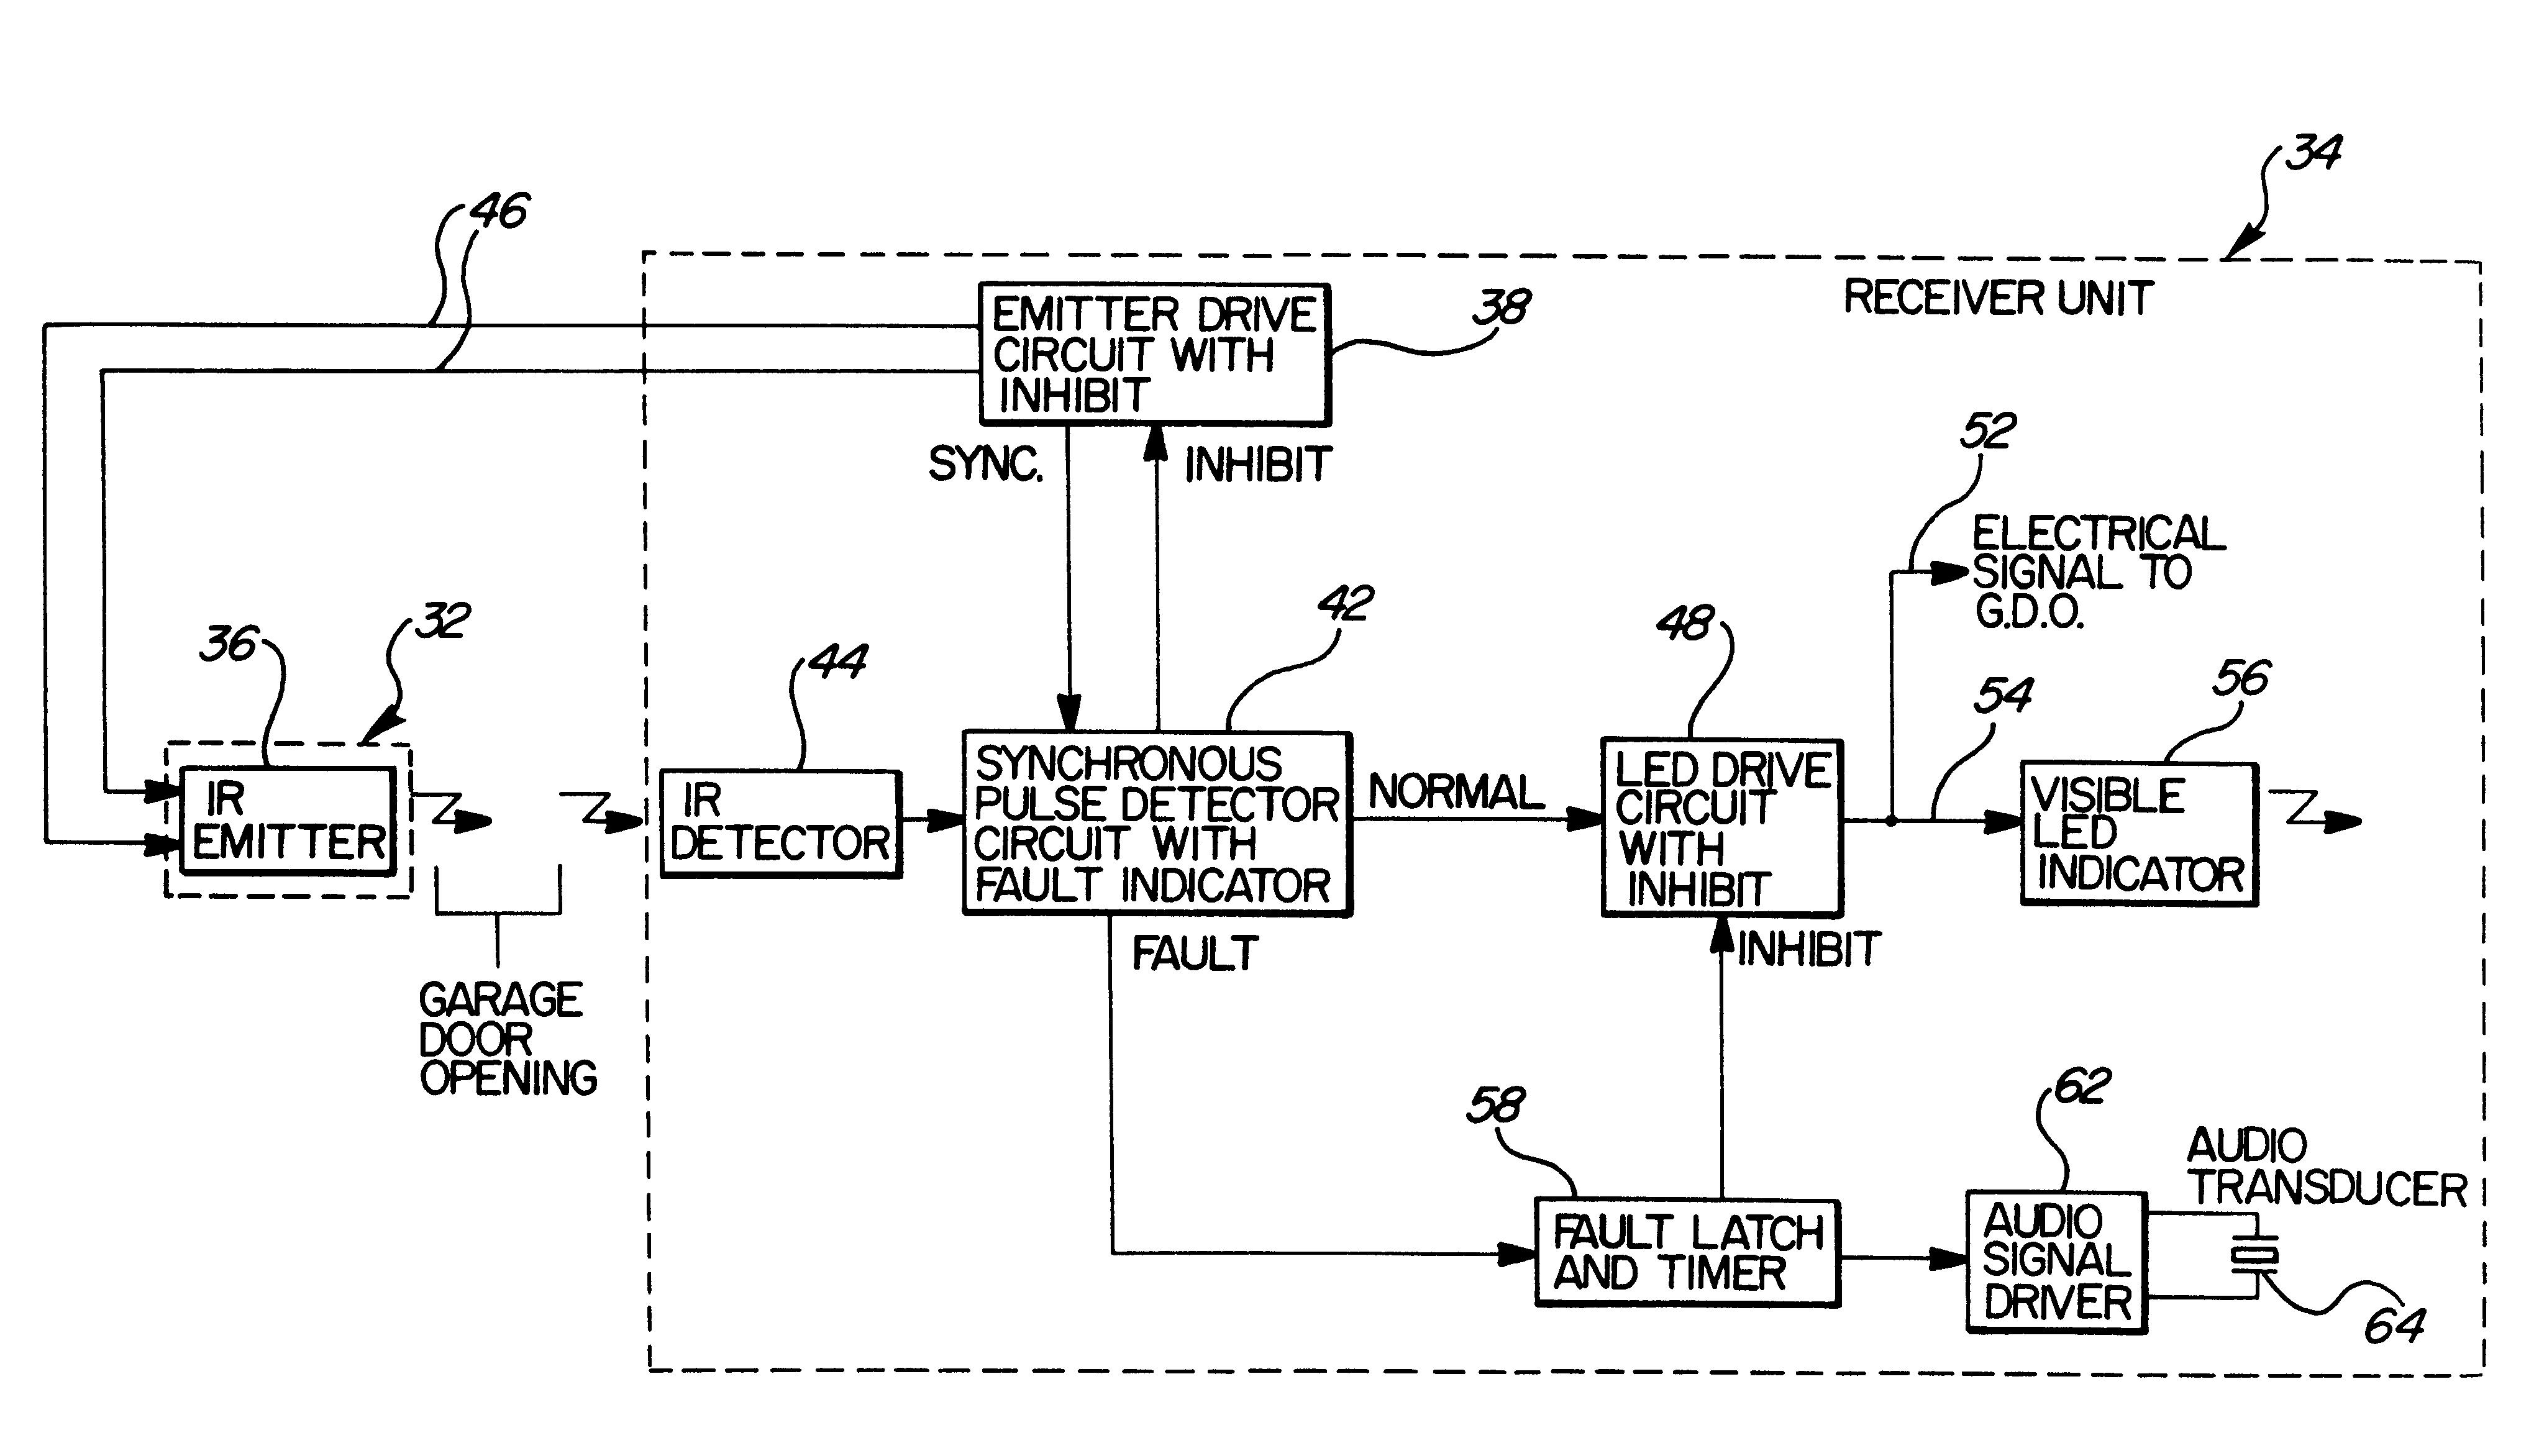 Wiring Diagram For Chamberlain Garage Door Opener | Wiring Diagram - Garage Door Opener Wiring Diagram